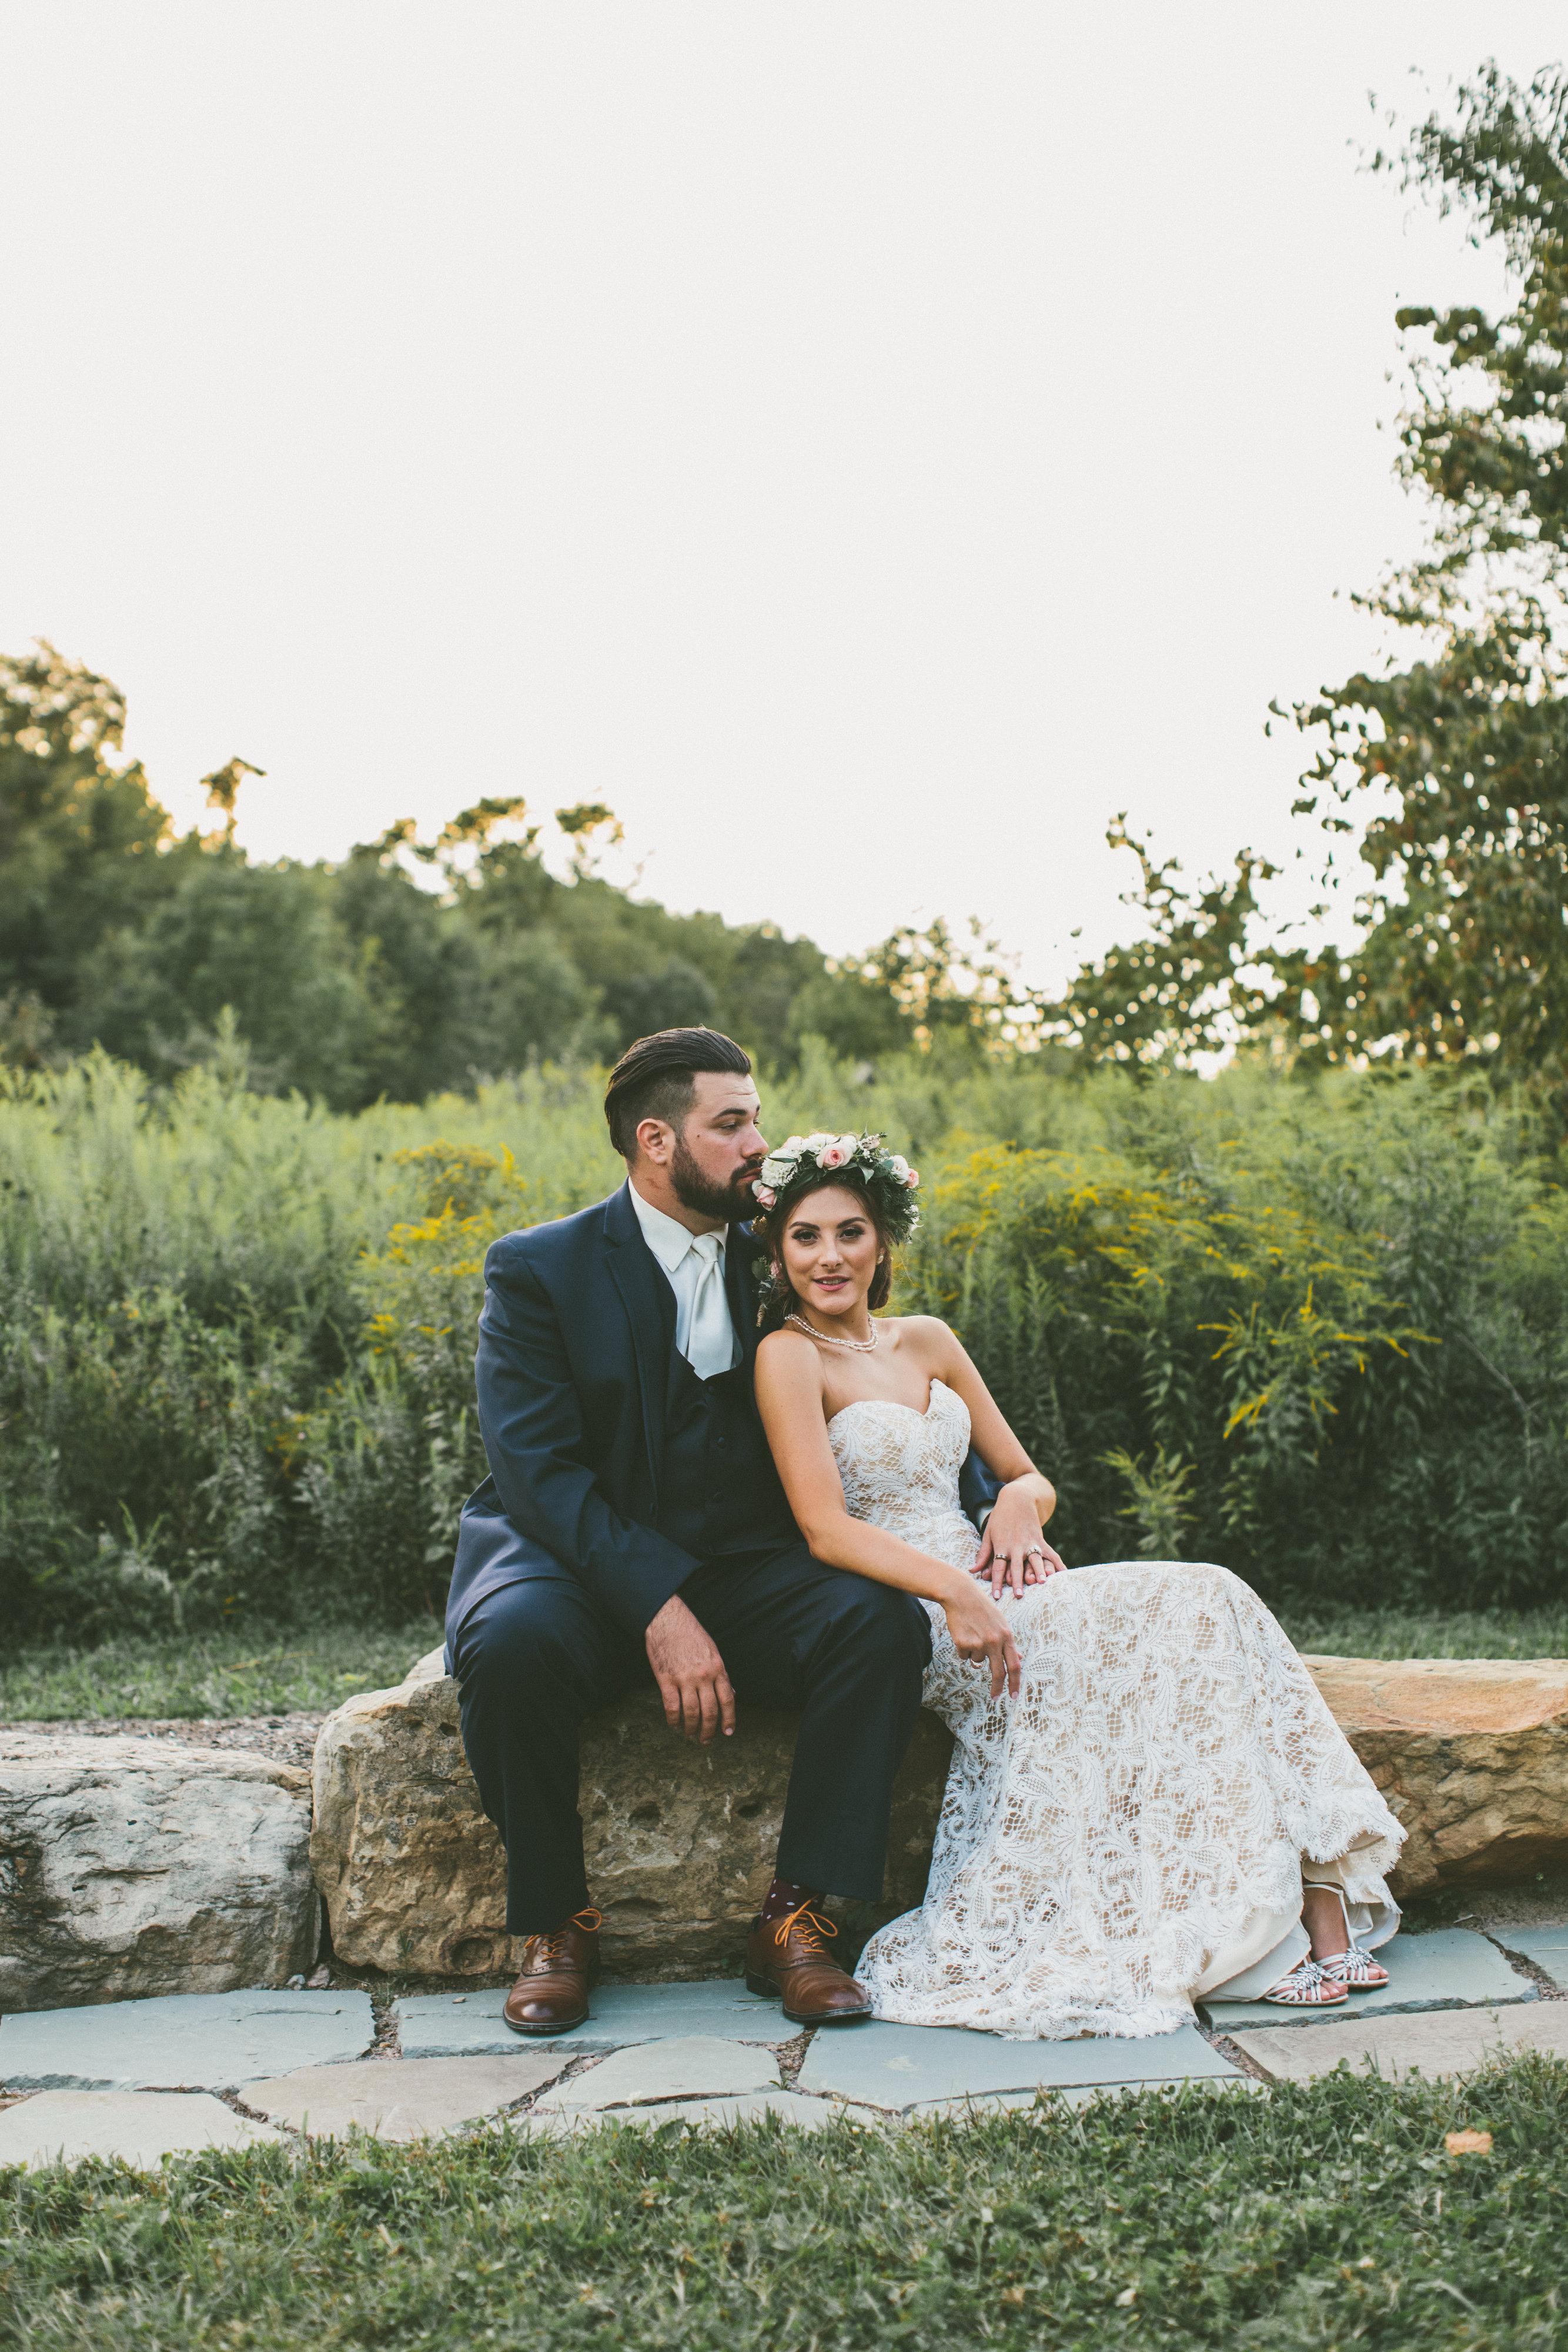 Bridal water lily 2226 wedding dresses photos brides com - Casablanca Bride Style 2226 Rachel Boho Vintage Bride Inspo